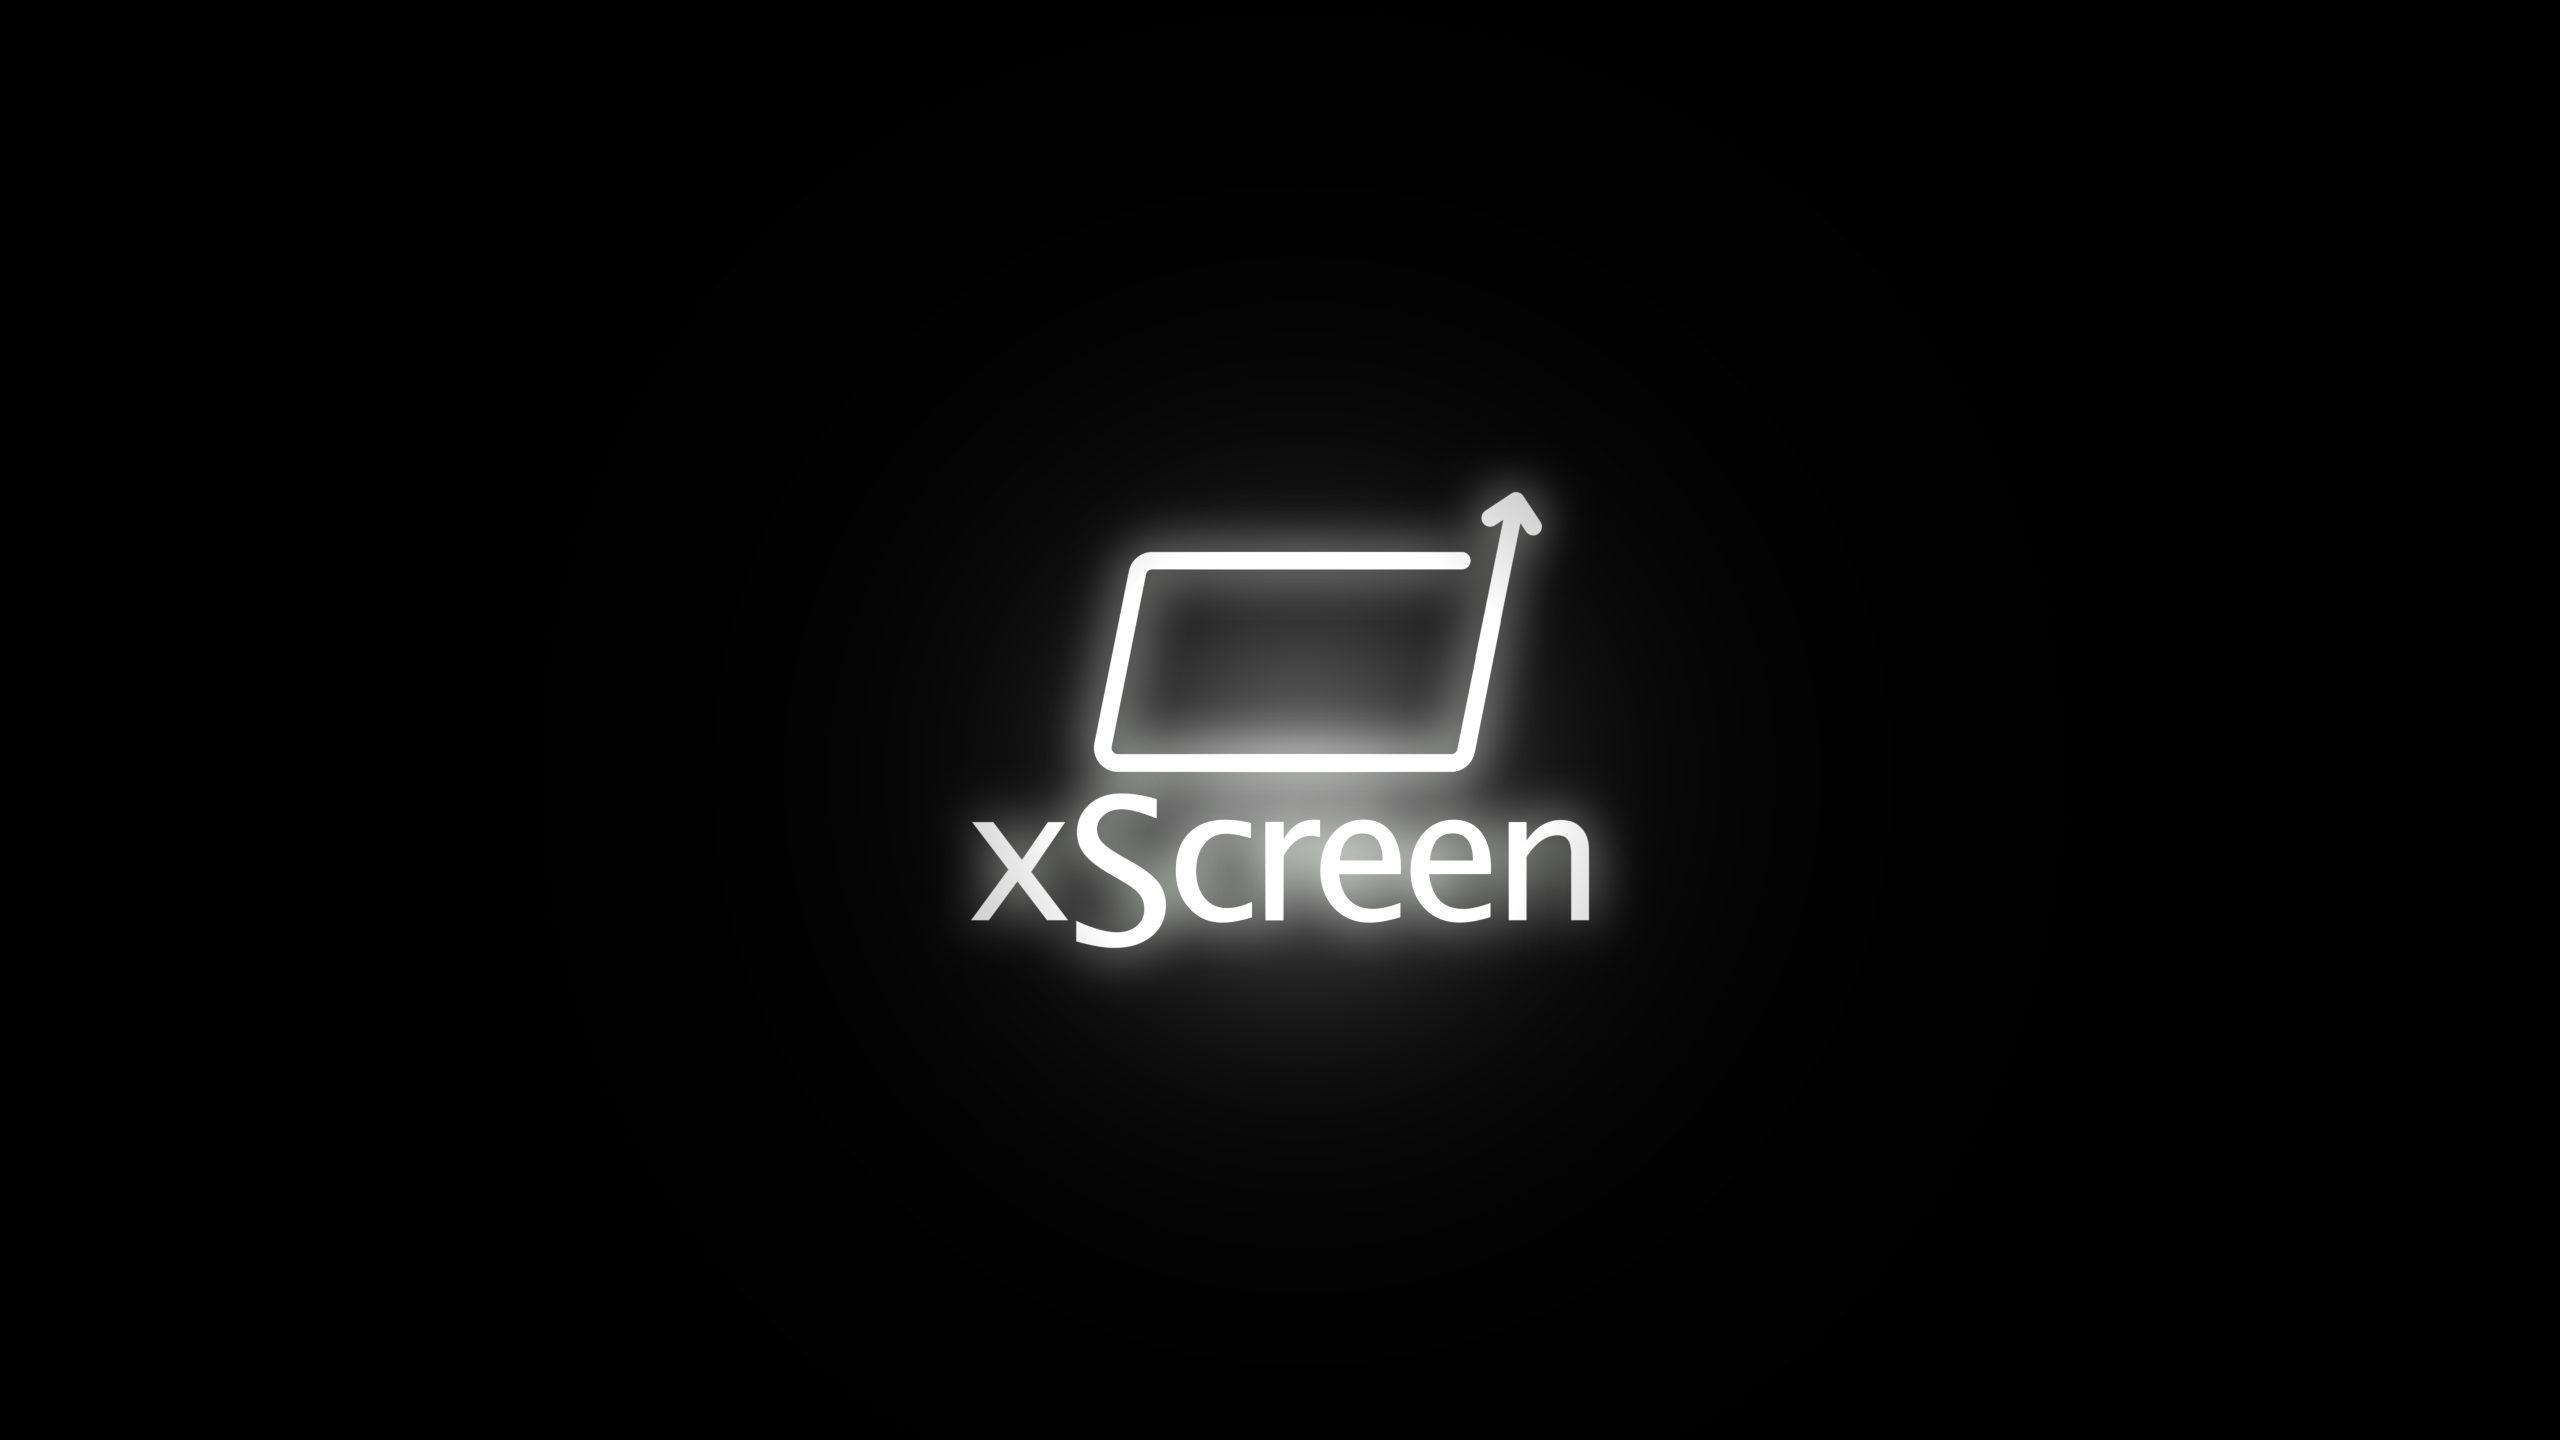 xScreen